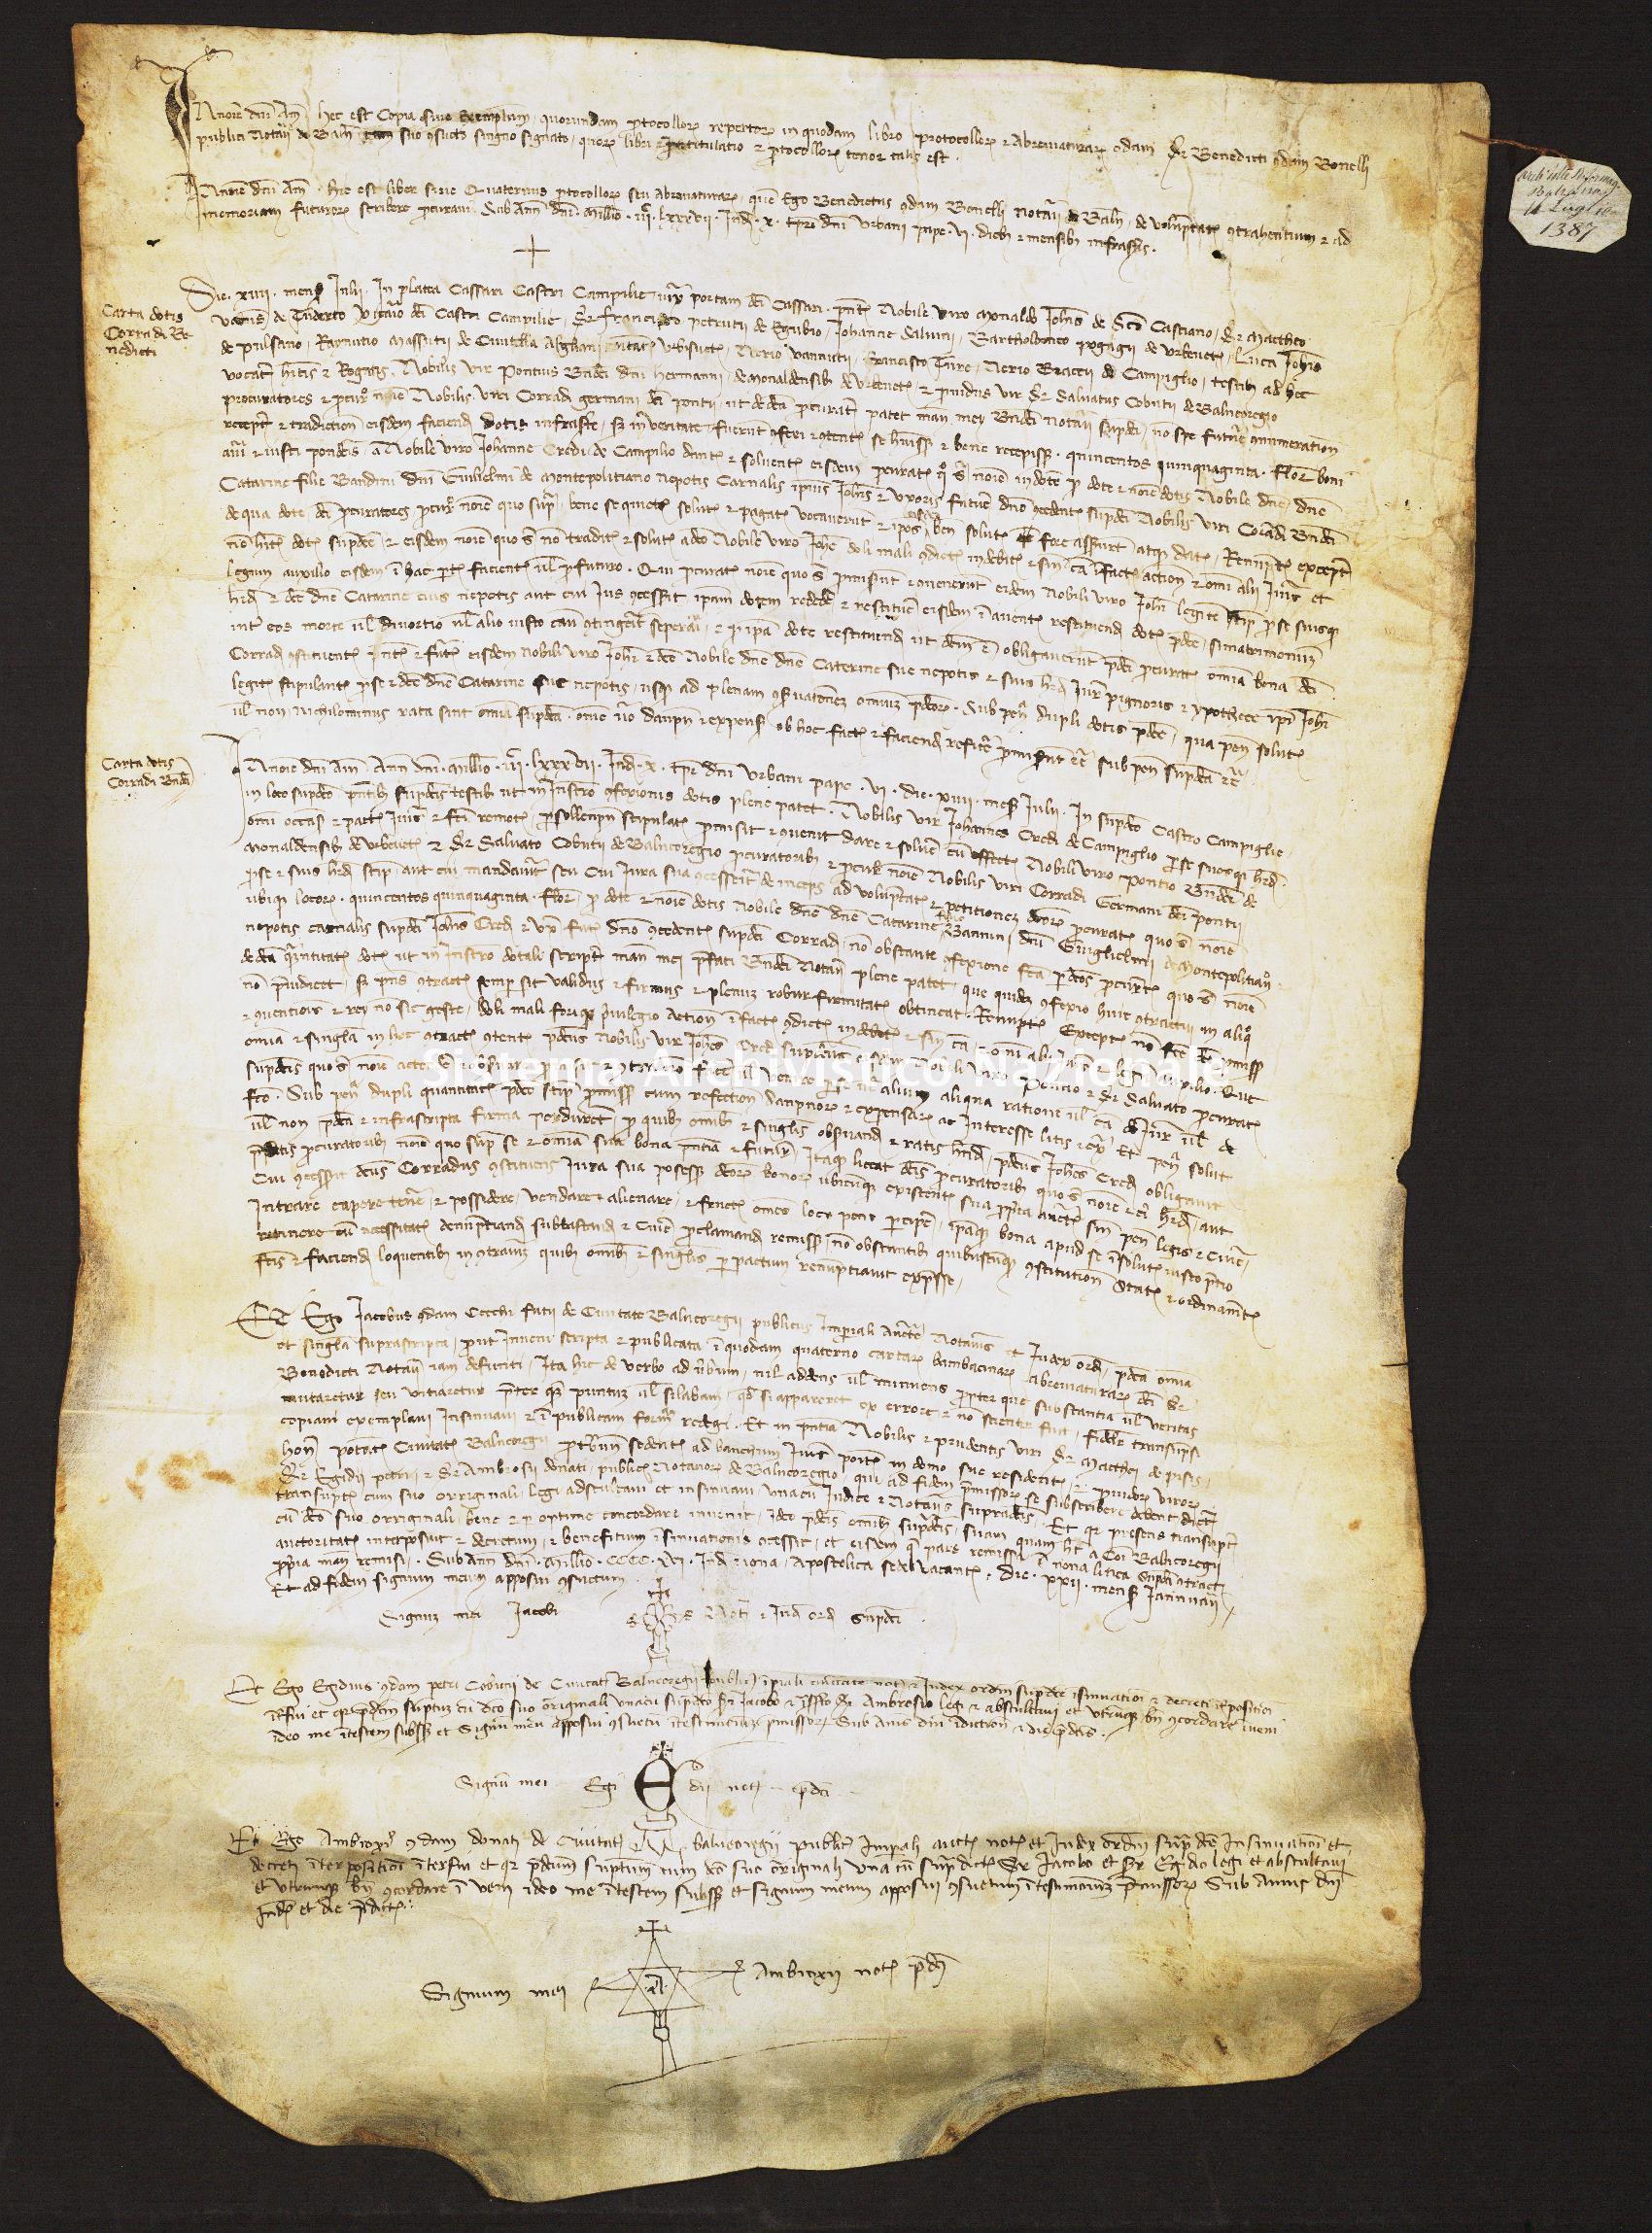 068. Archivio di Stato di SIENA, Diplomatico, Diplomatico Riformagioni Balzana, Pergamena 068 - 1387 luglio 14, casella 1109